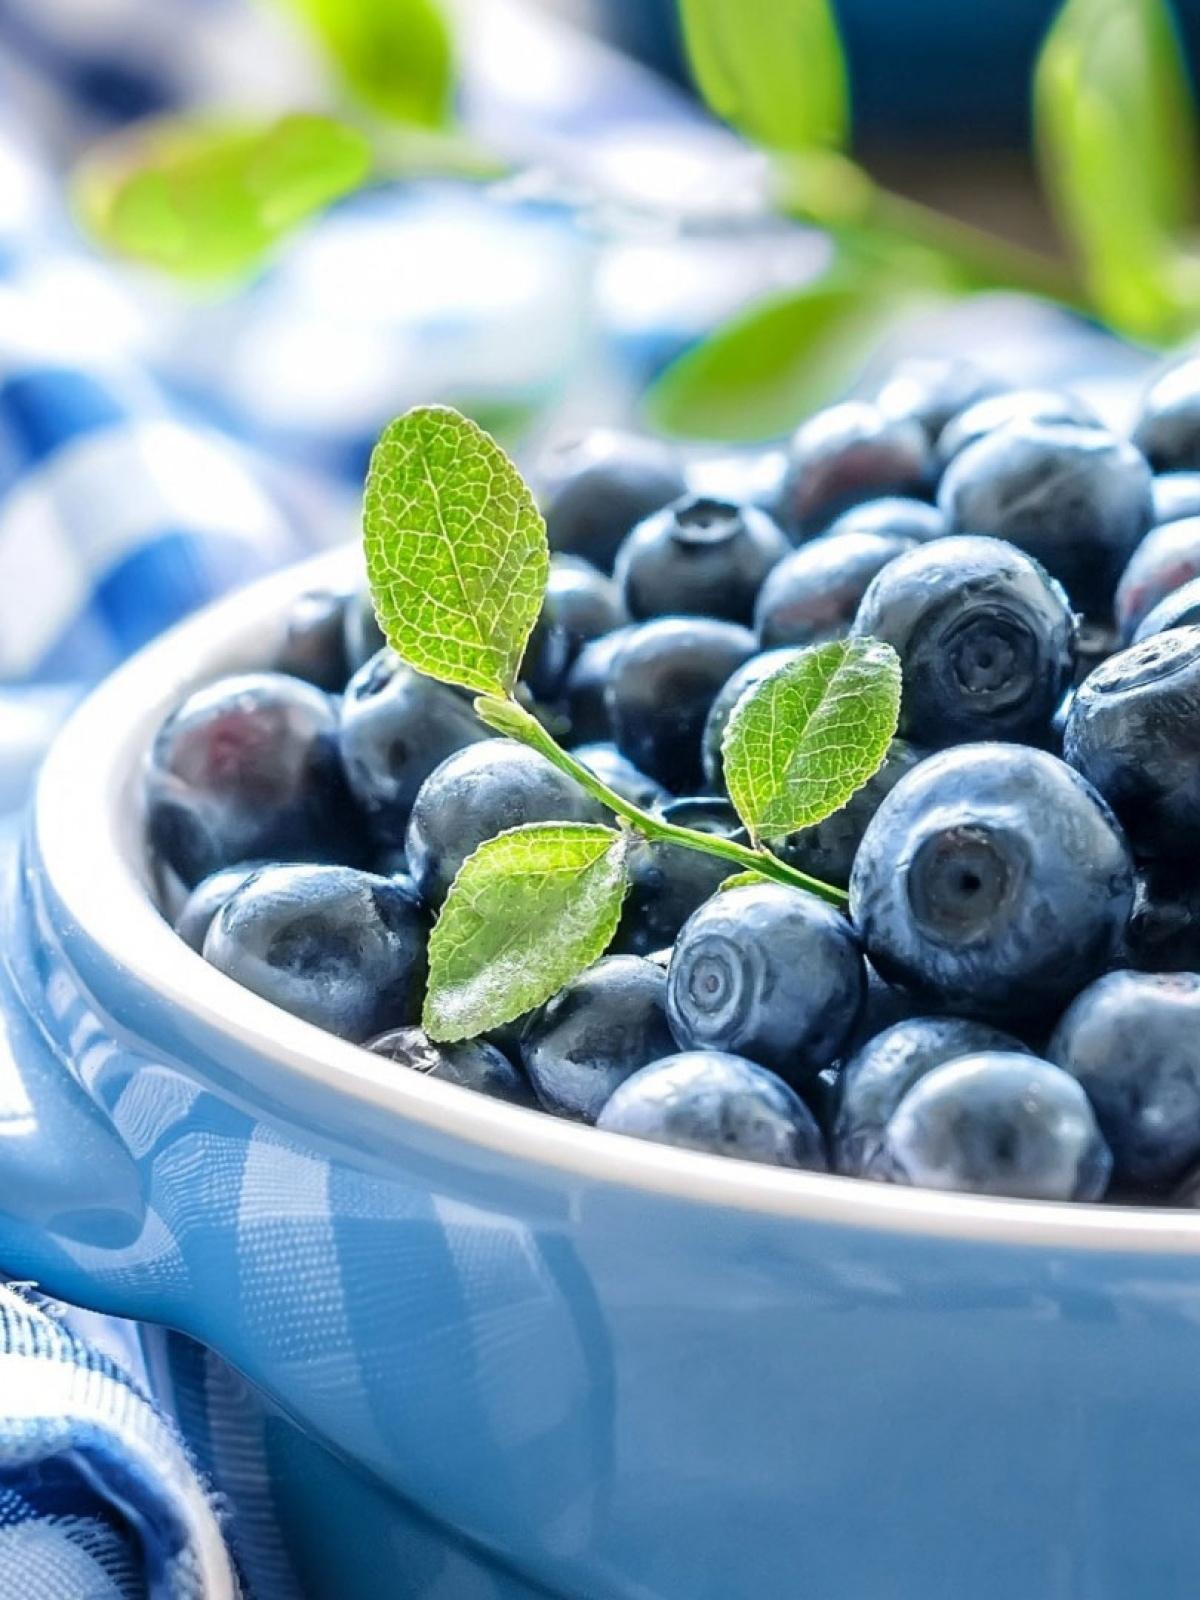 蓝莓叶子手机壁纸高清原图查看